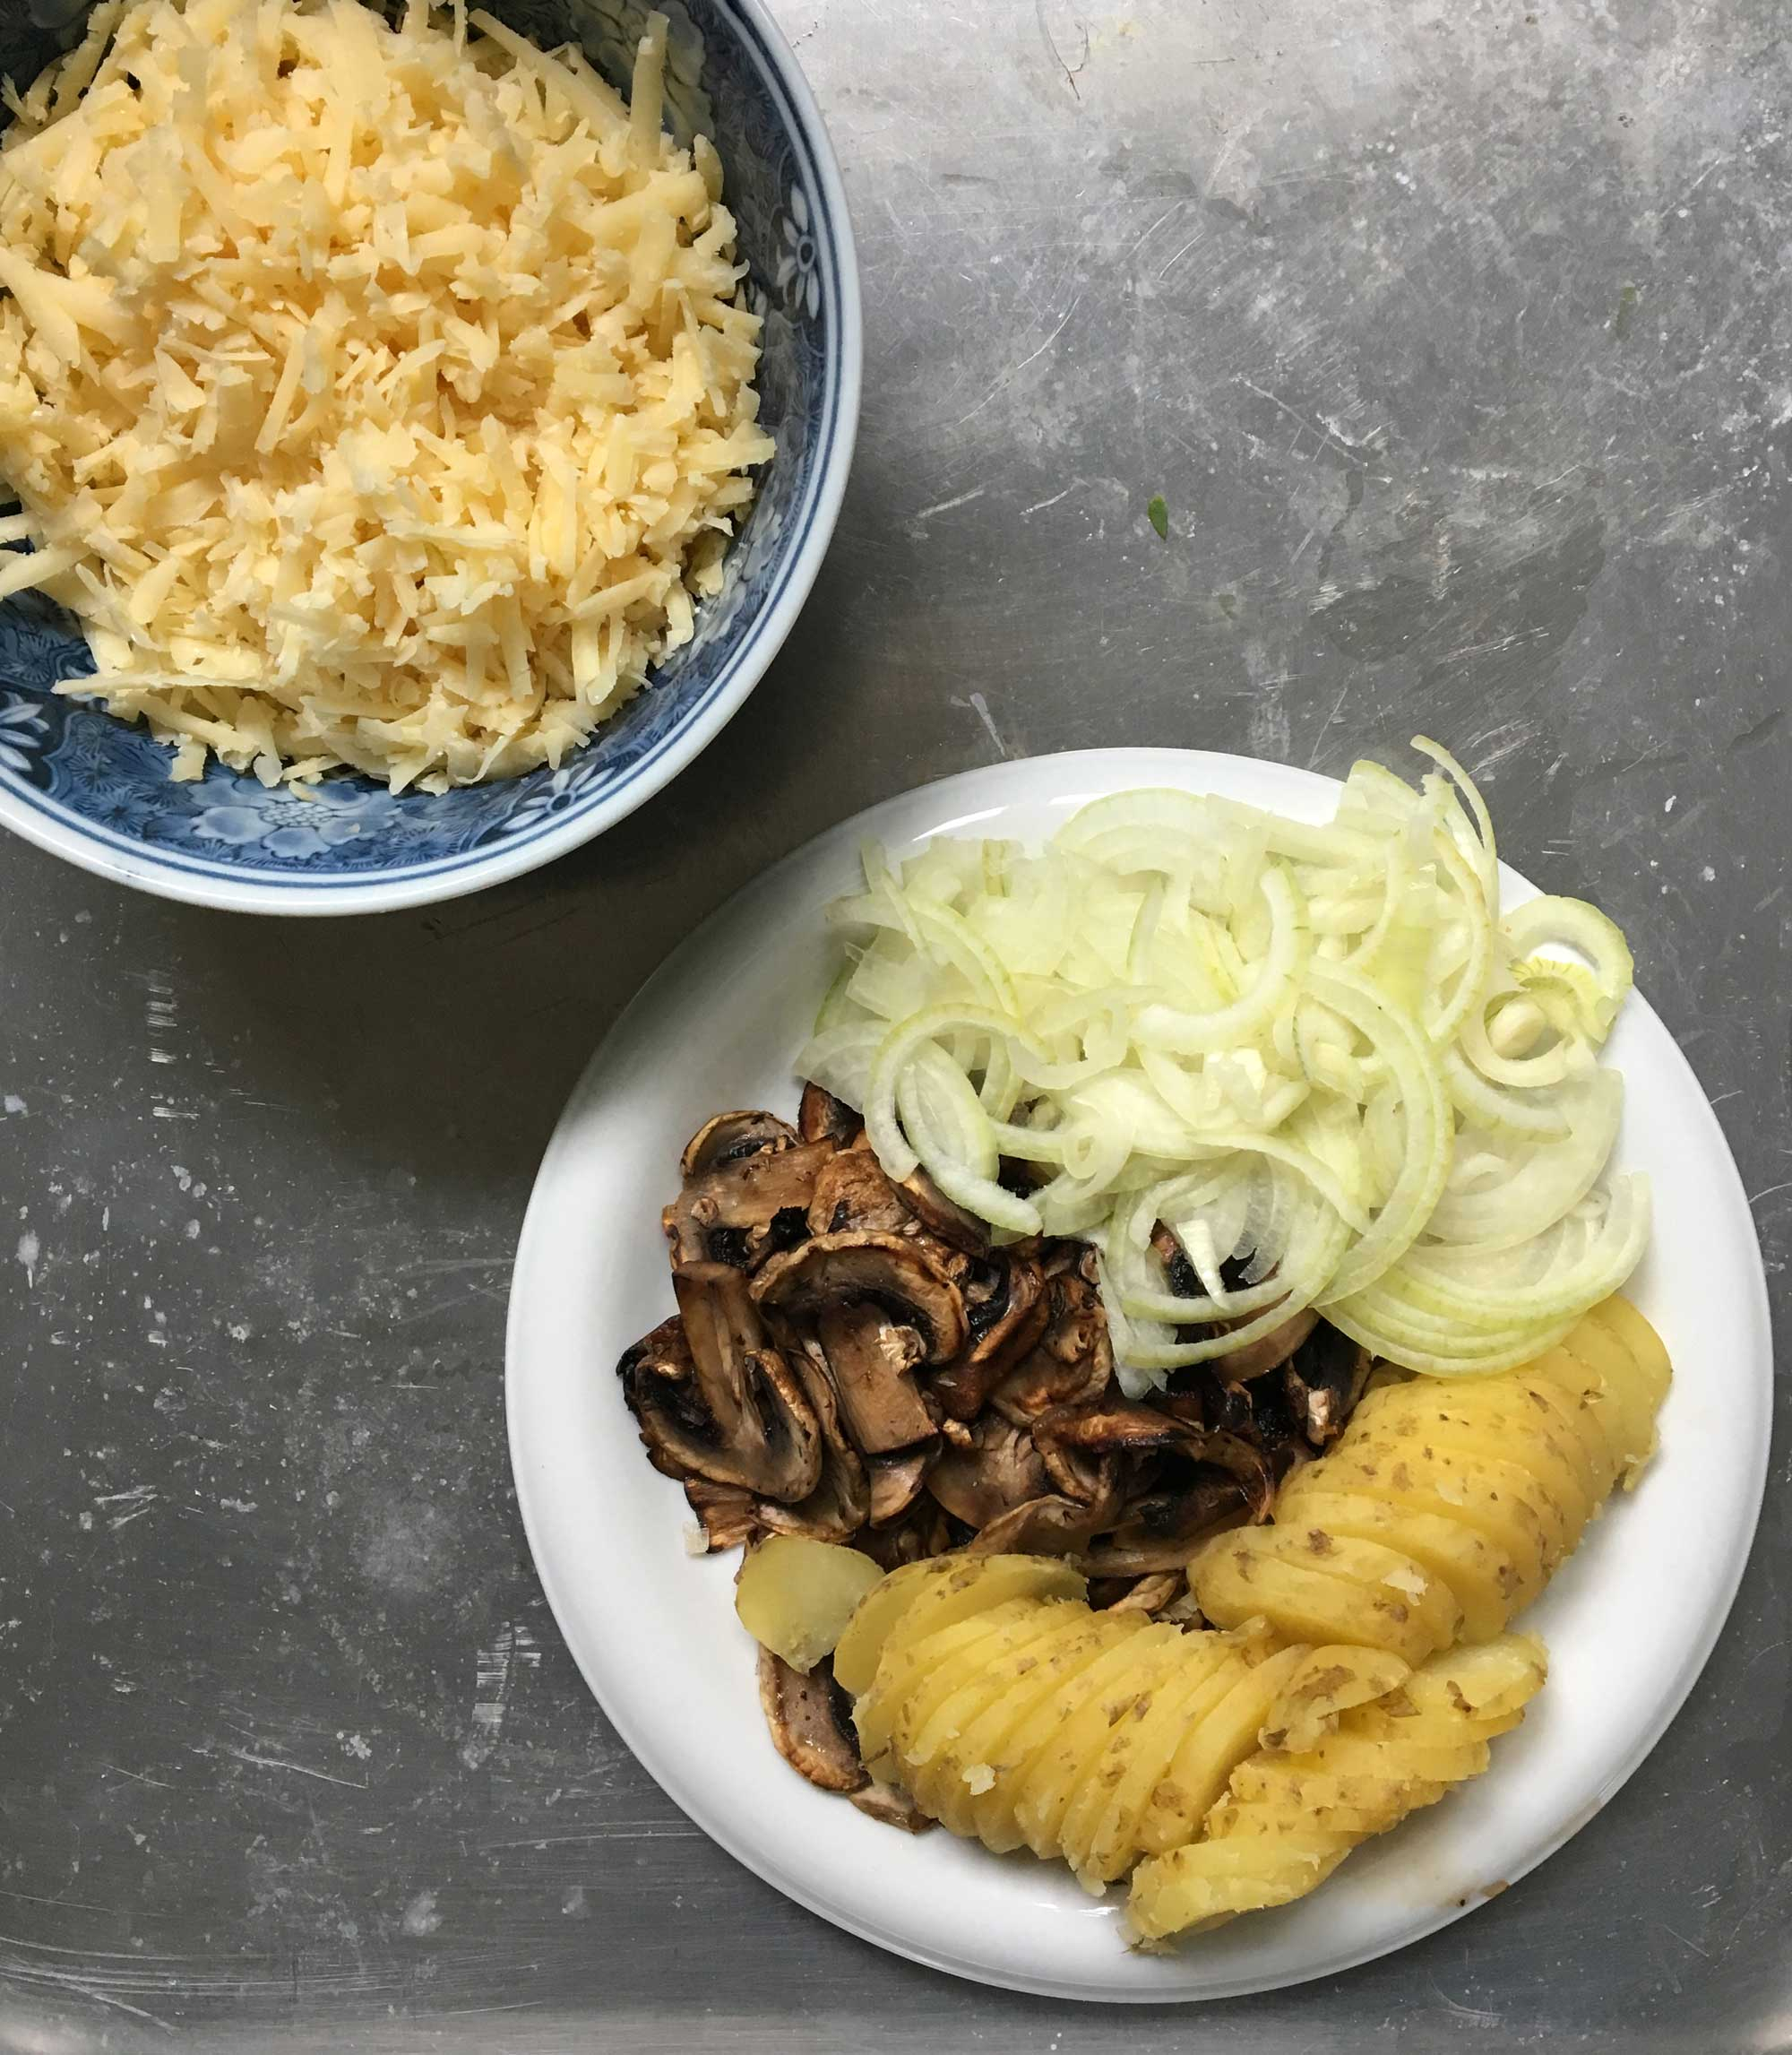 Stekta champinjoner, kokt potatis, skivad lök och västerbottenost.